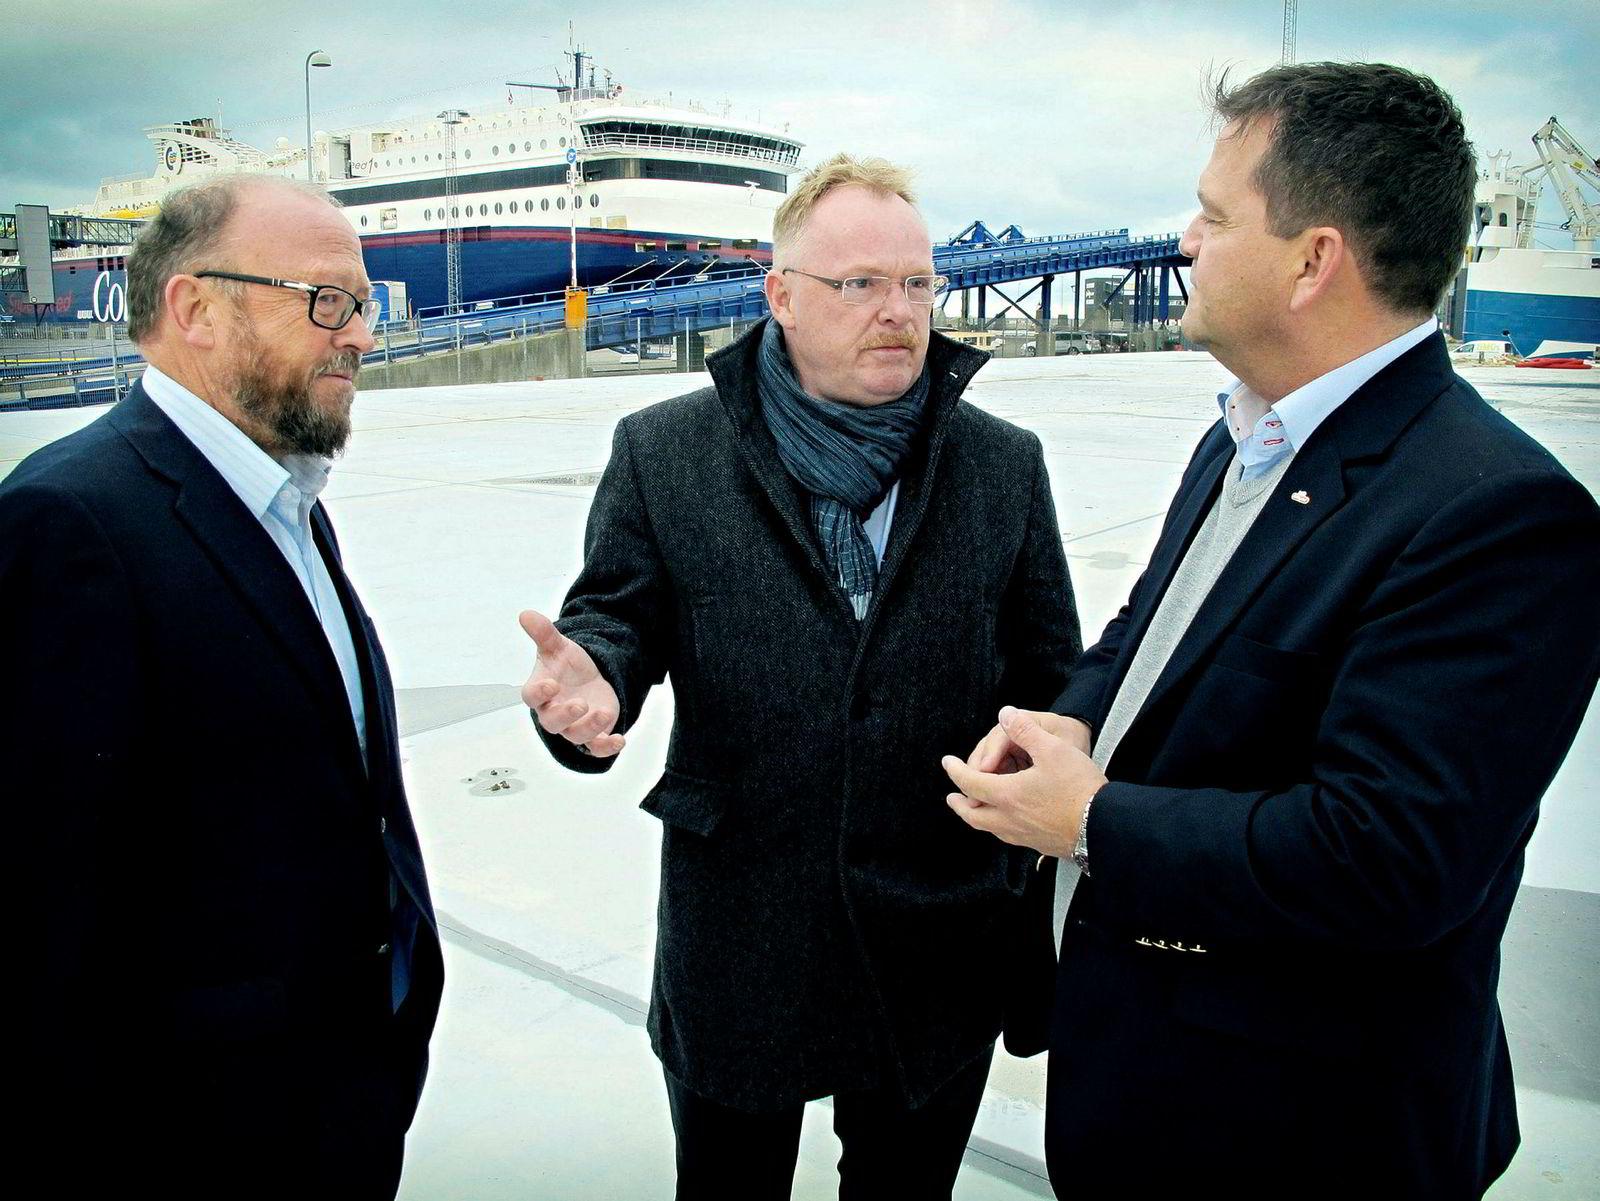 Daværende fiskeriminister Per Sandberg ble orientert om planene til Hav Line av administrerende direktør Carl-Erik Arnesen (til venstre) og Bård Sekkingstad (til høyre) på kaien i Hirtshals i desember 2017.